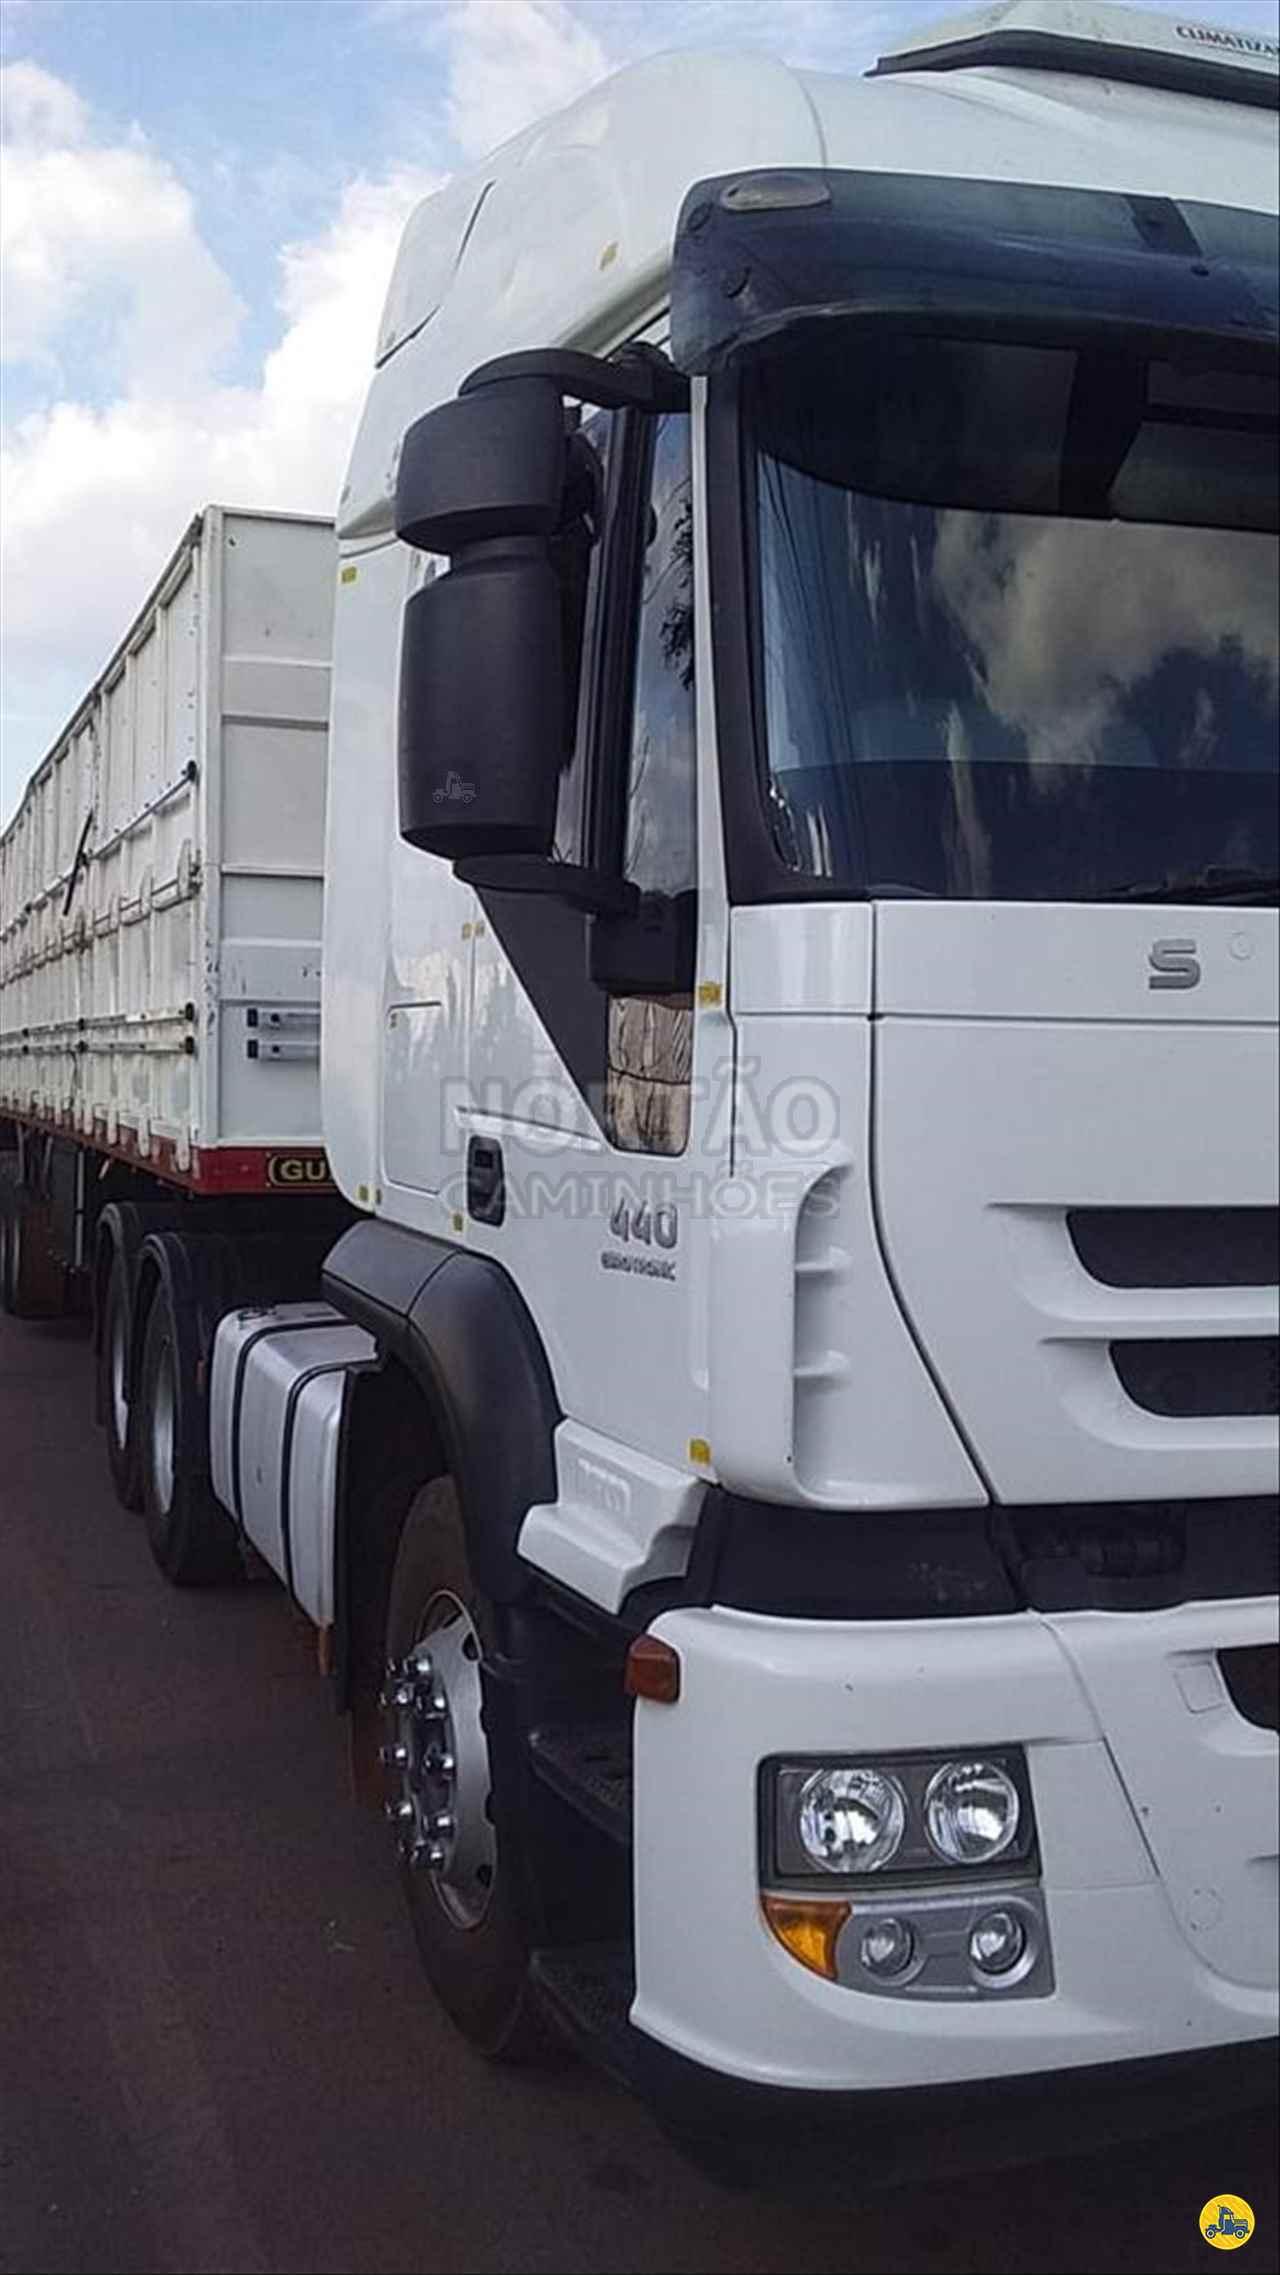 CAMINHAO IVECO STRALIS 440 Graneleiro Truck 6x2 Nortão Caminhões VARZEA GRANDE MATO GROSSO MT